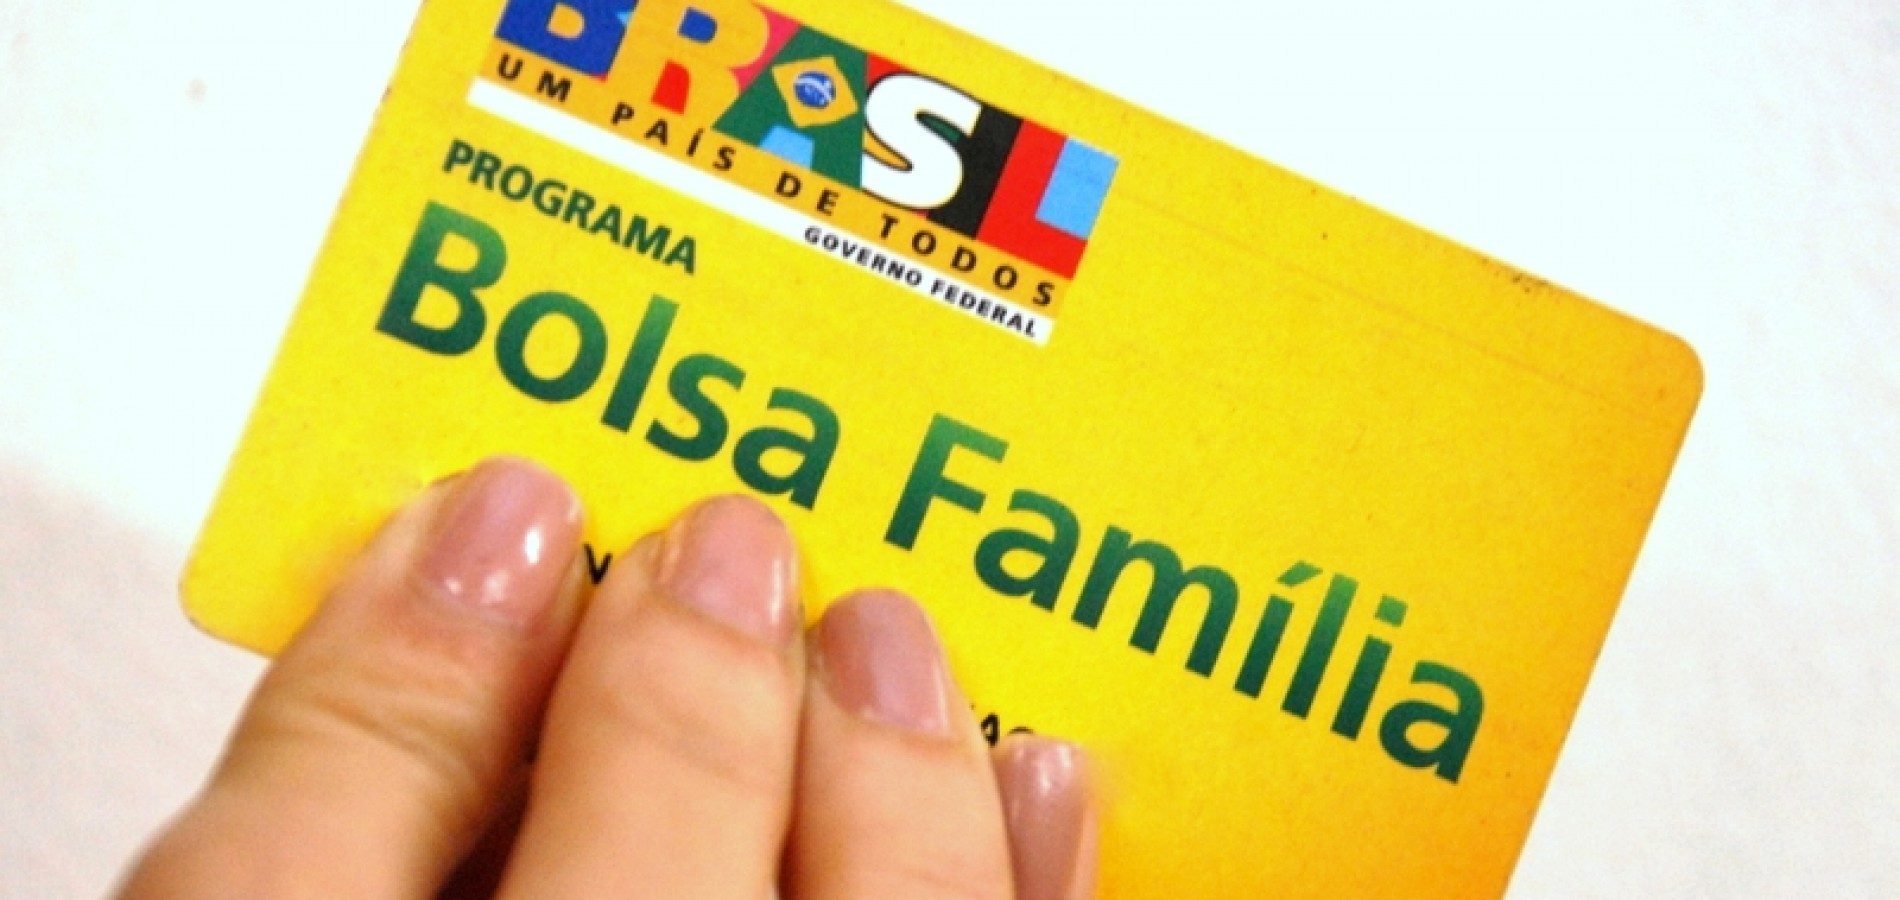 Mais de 33 mil famílias do Piauí perdem Bolsa Família por falta de atualização